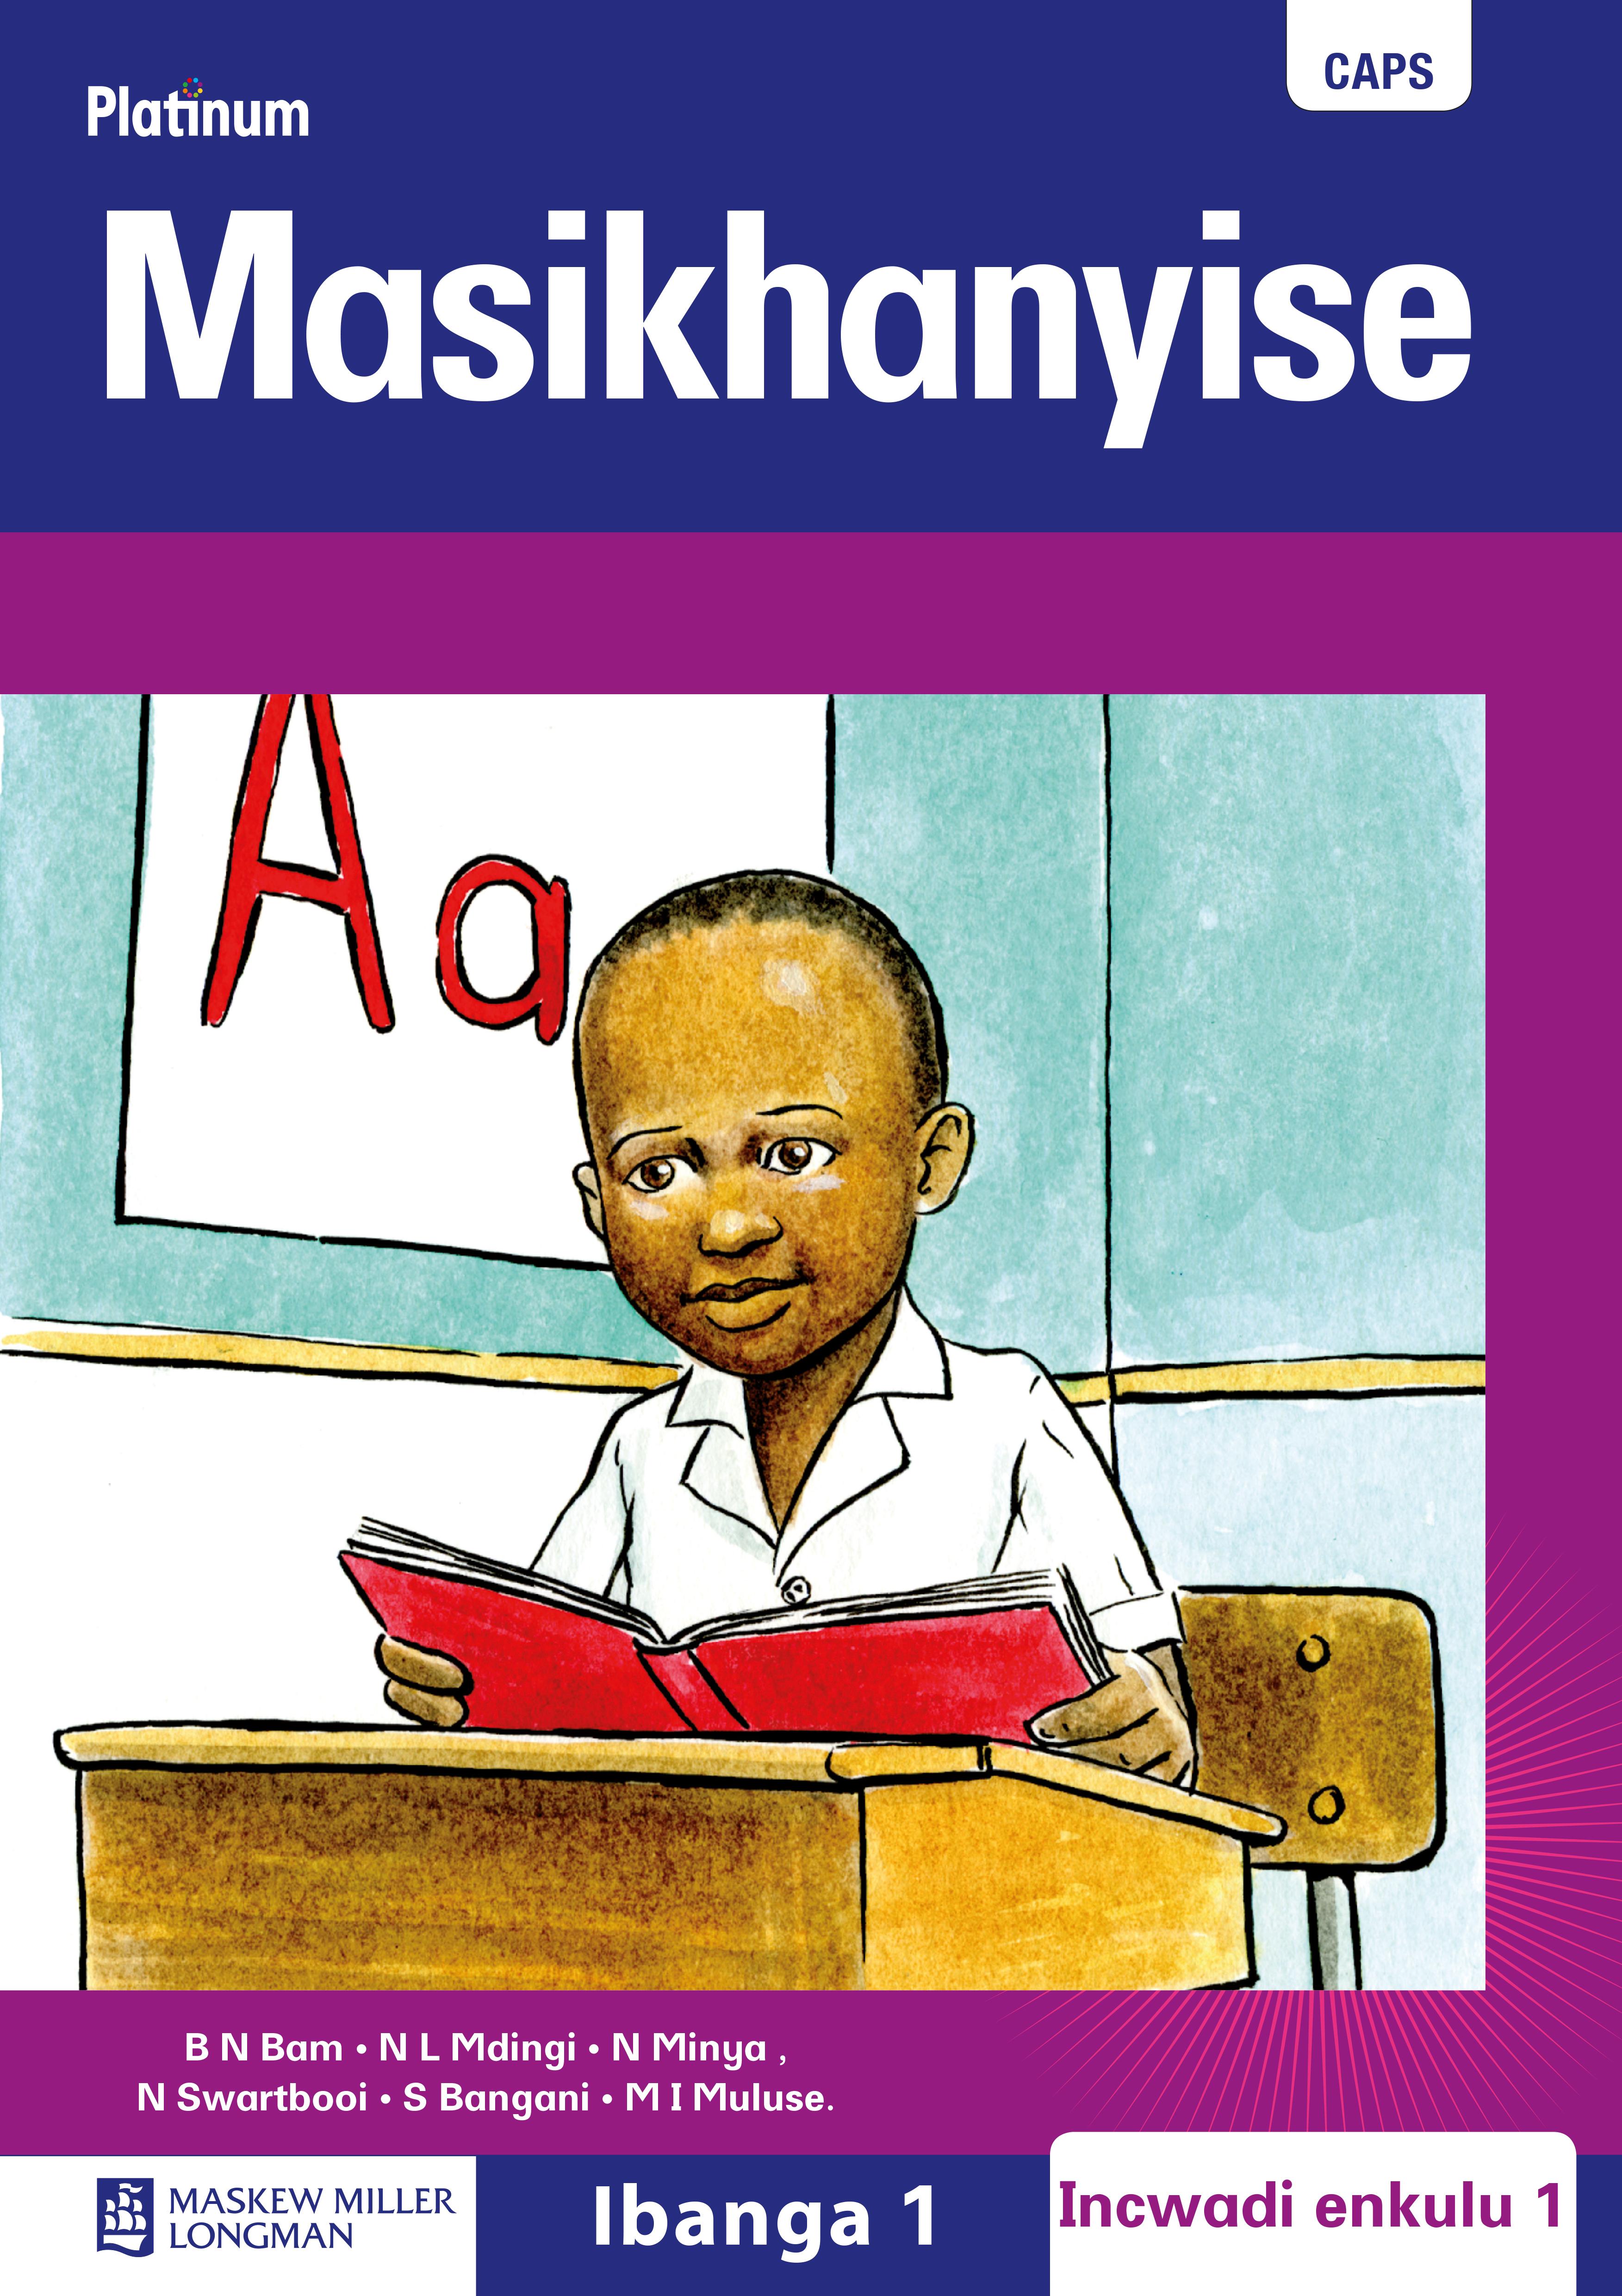 Picture of Platinum masikhanyise